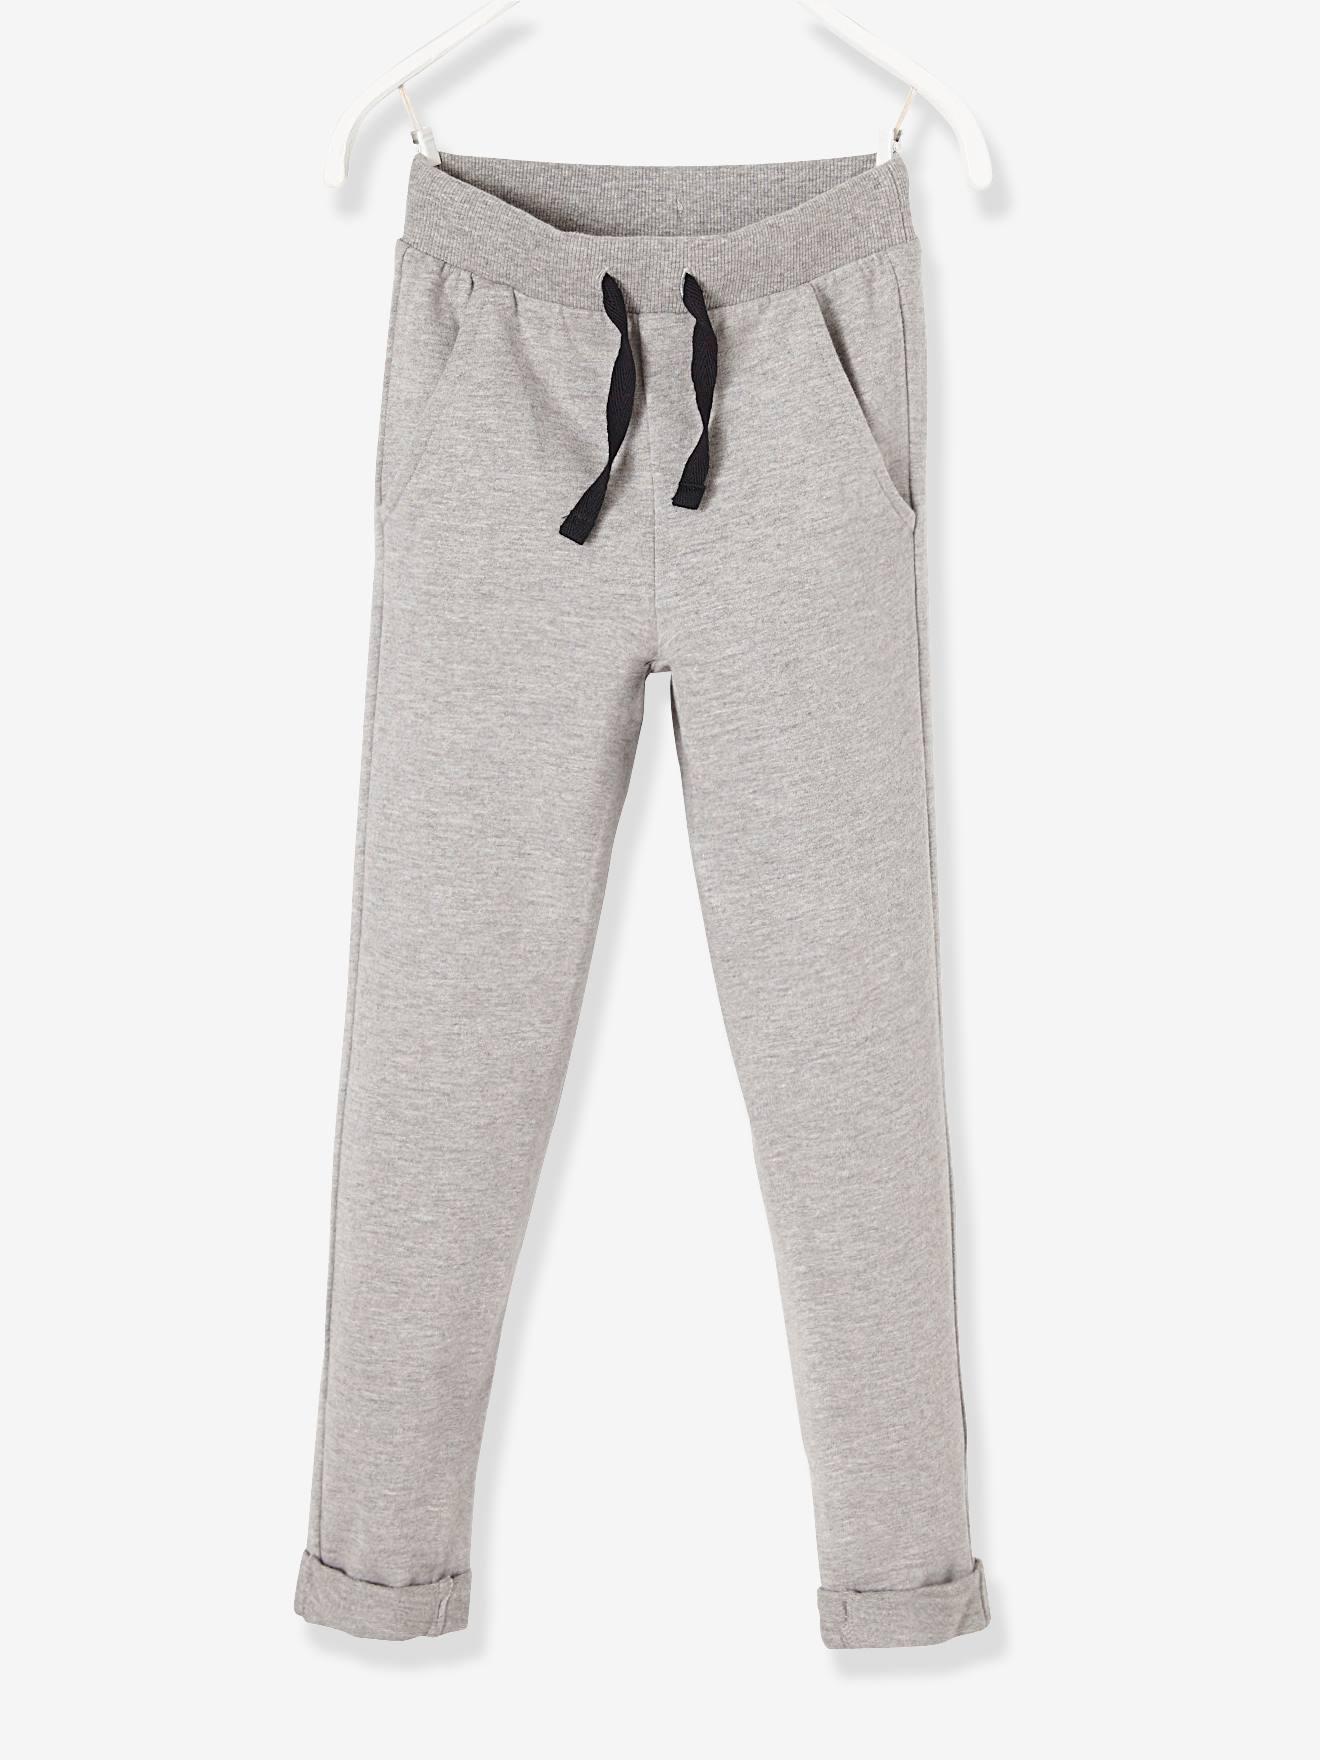 Pantalon garçon en molleton - gris chiné,